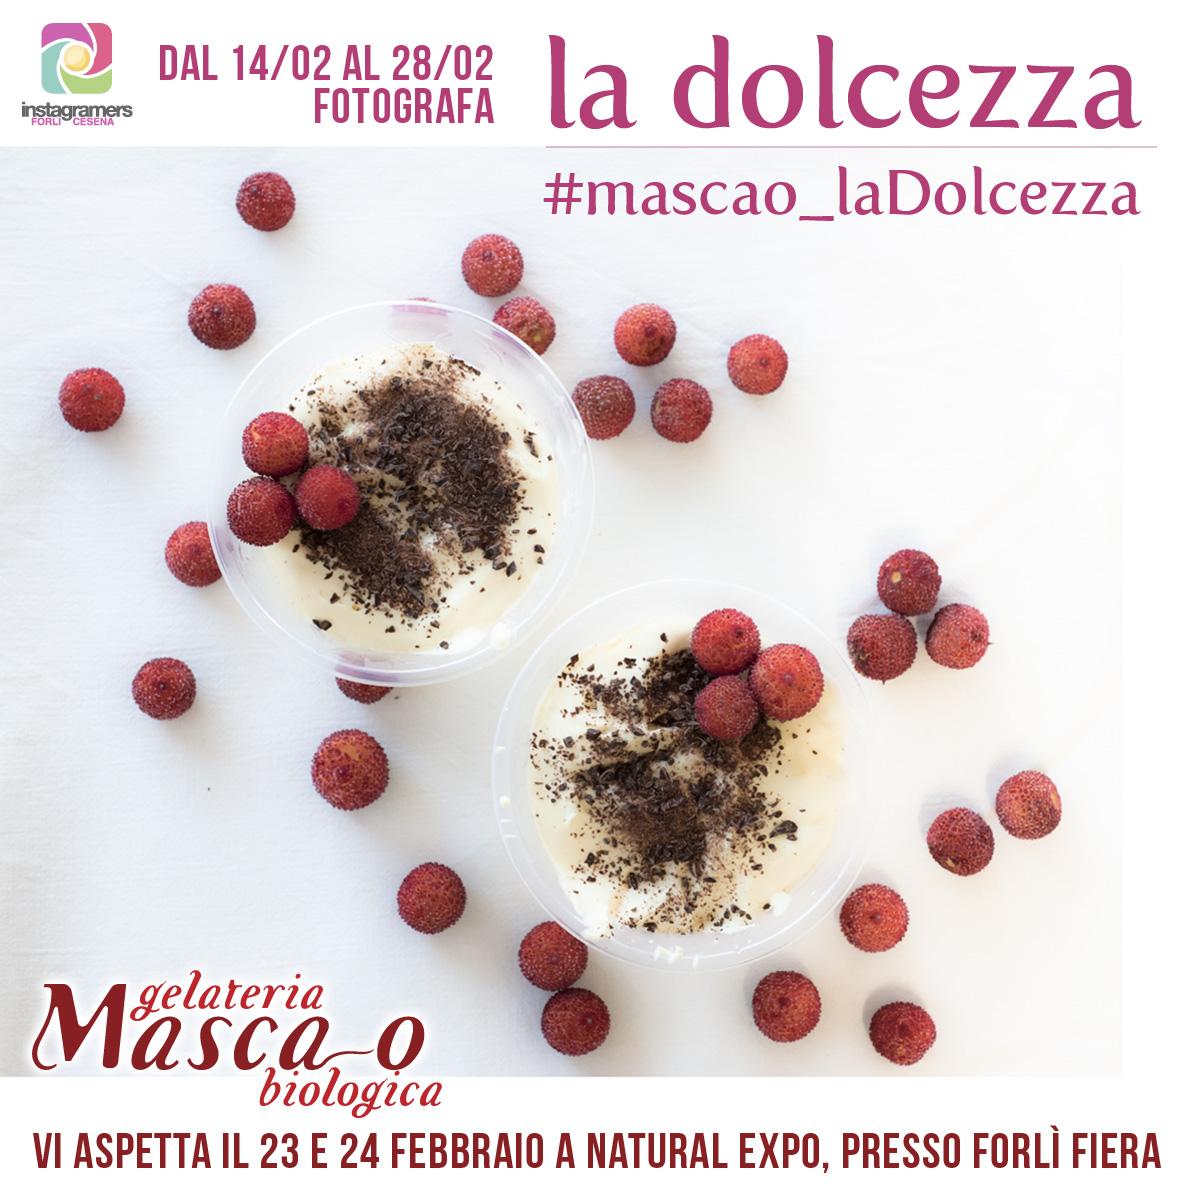 Fotografa la dolcezza a Natural Expo con igersFC e Masca-o